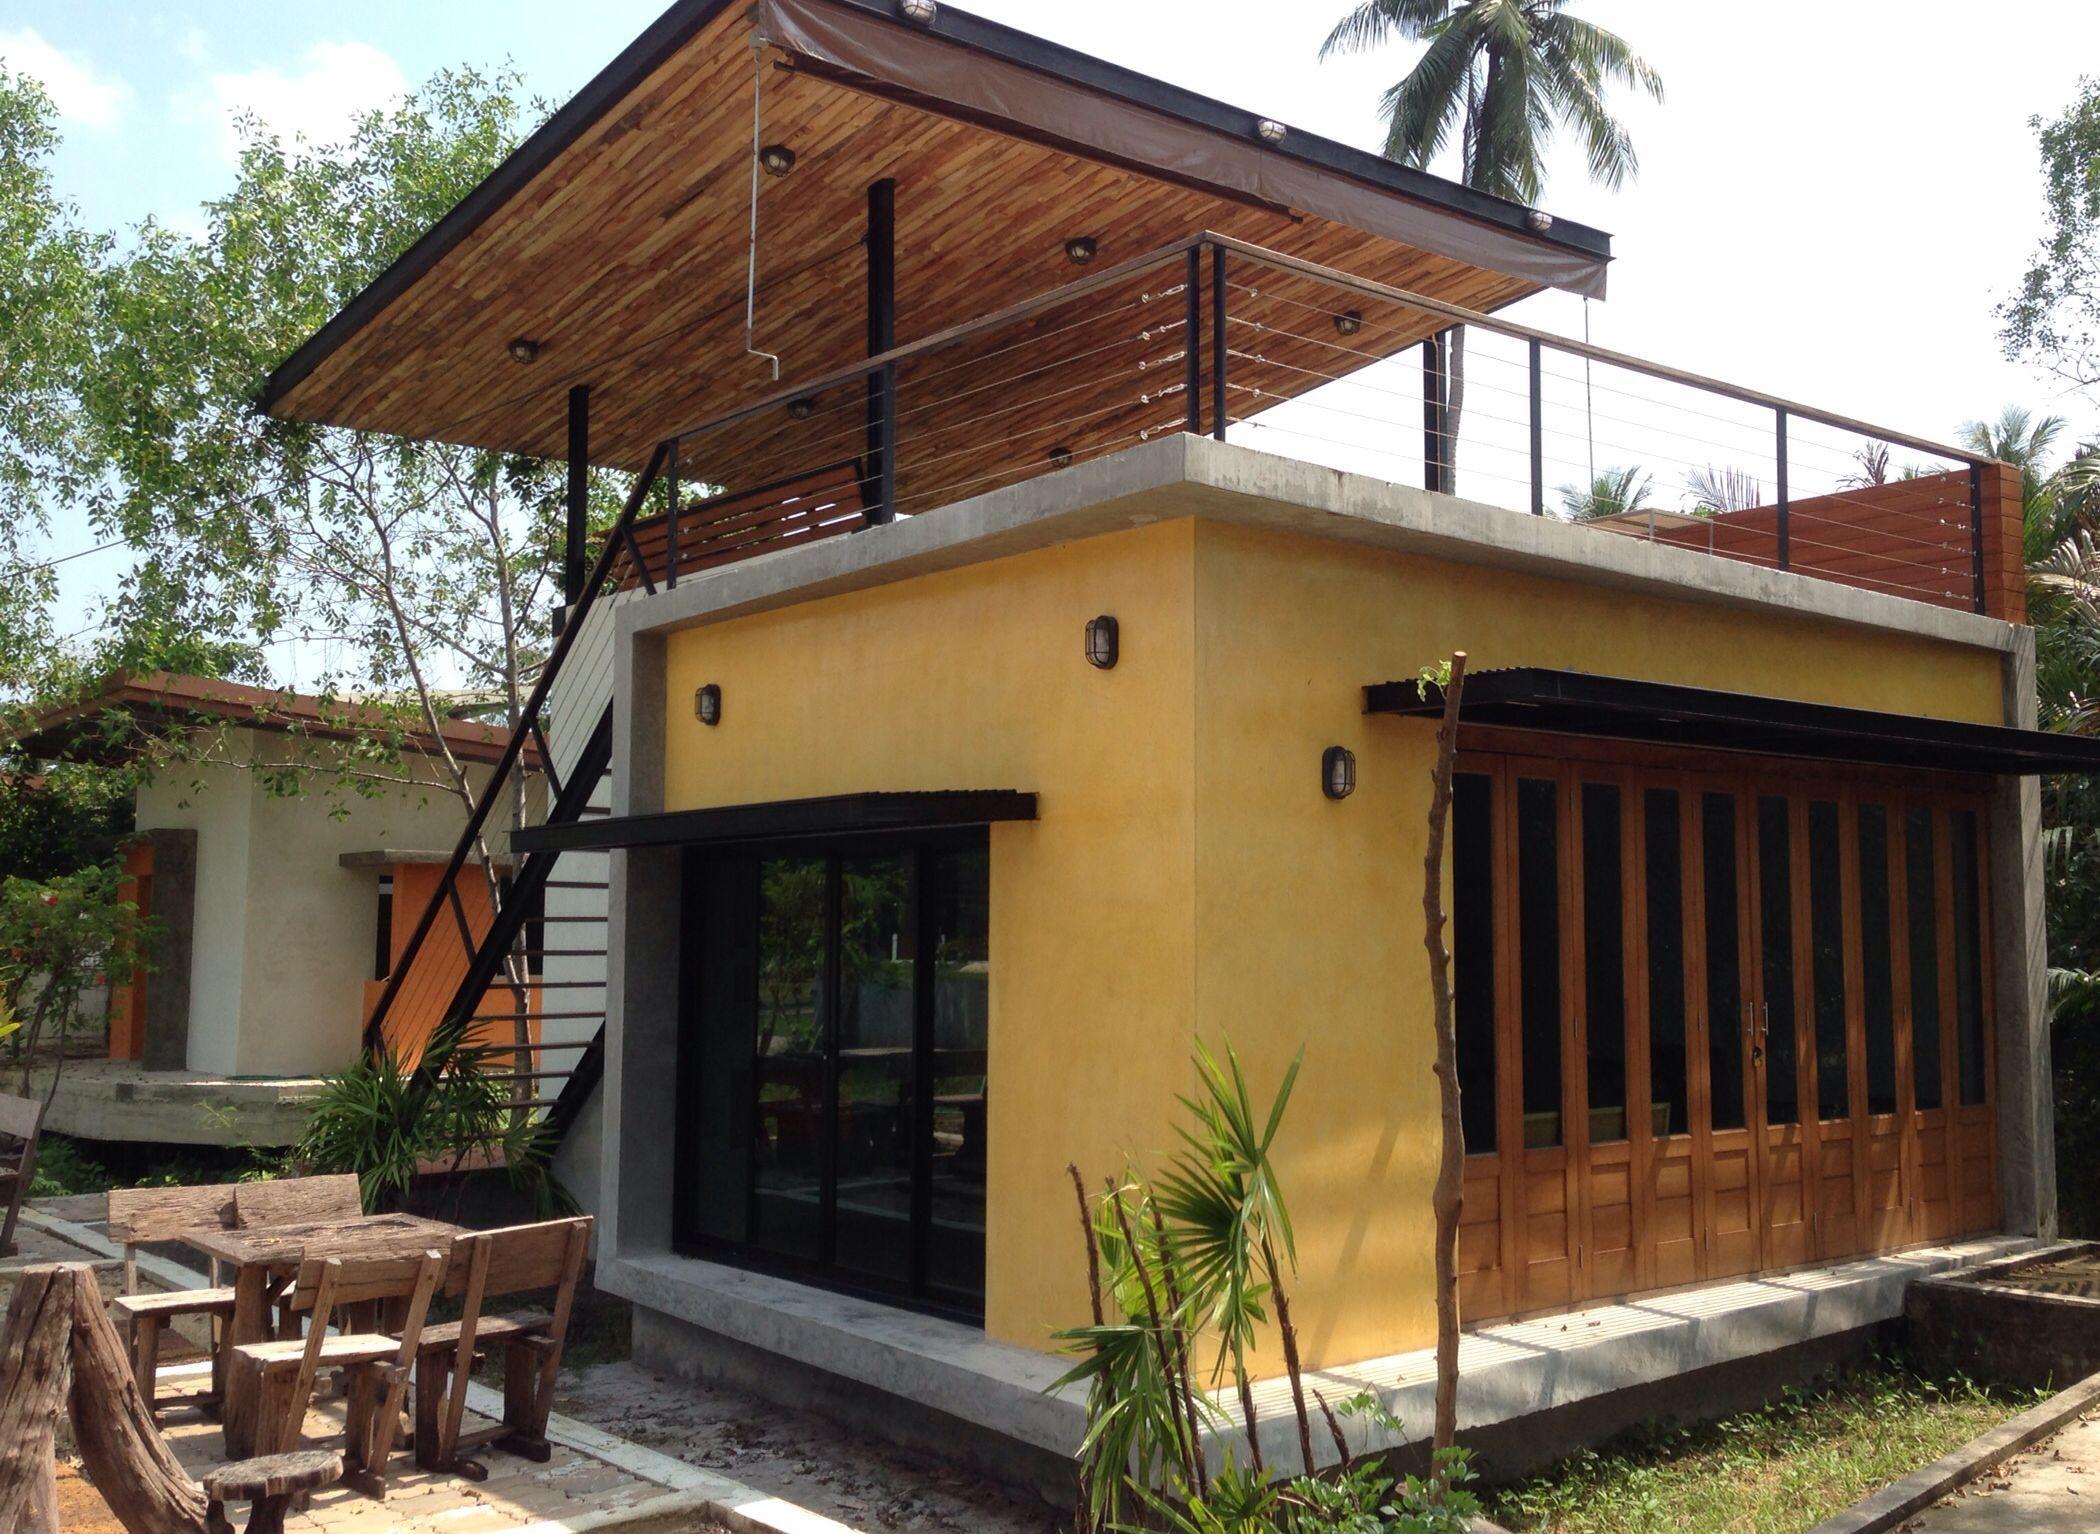 1 - Ihome casas modulares ...